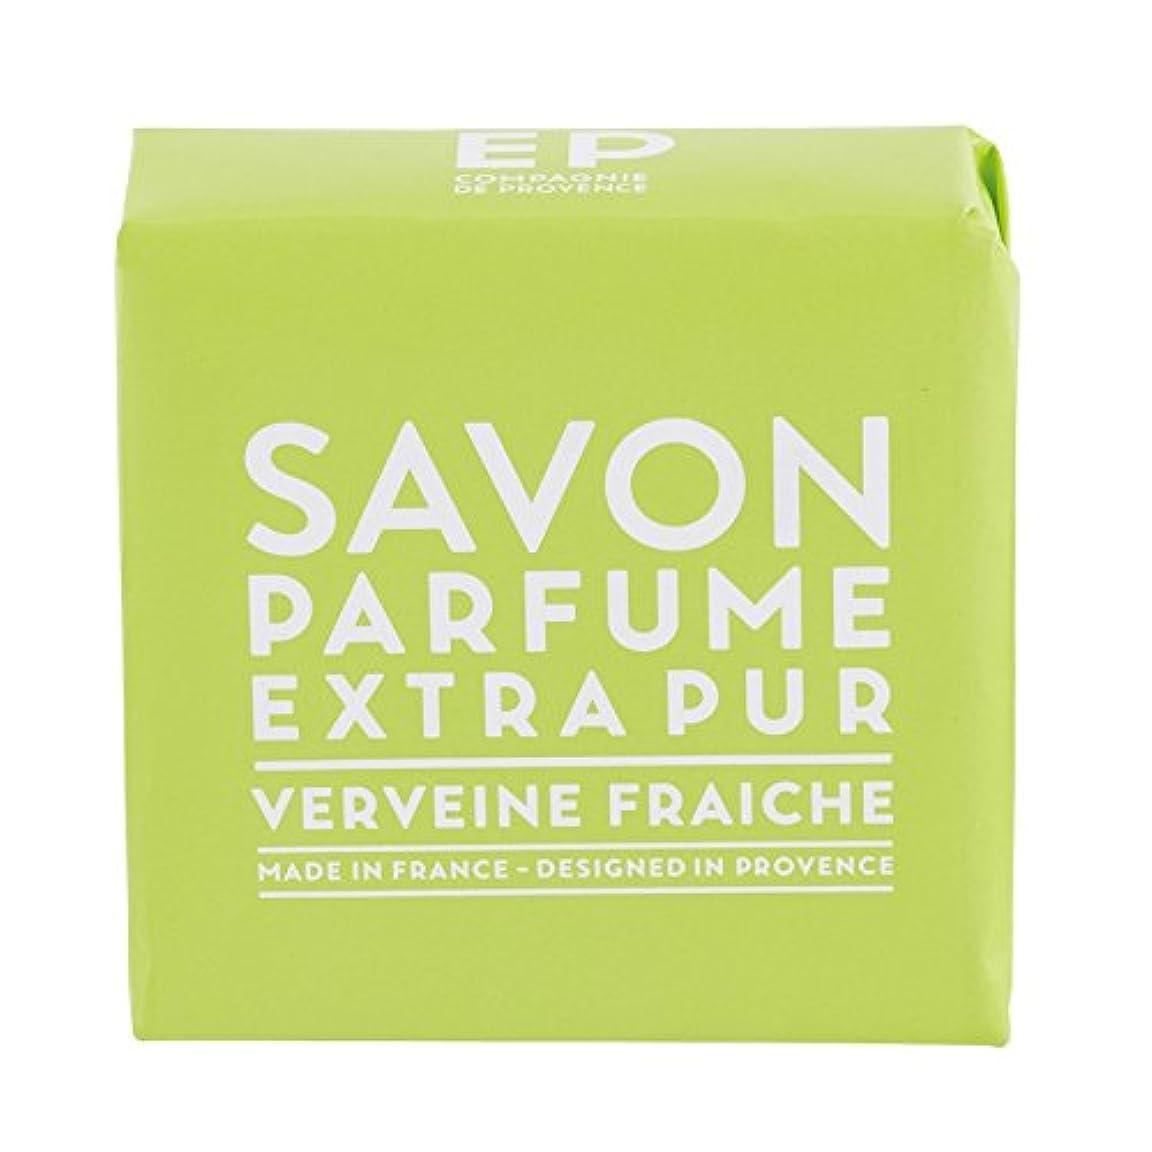 処理上向きパンフレットカンパニードプロバンス EXP  マルセイユソープ バーベナ 100g(全身用石けん?フランス製?フレッシュで爽快感のあるバーベナの香り)